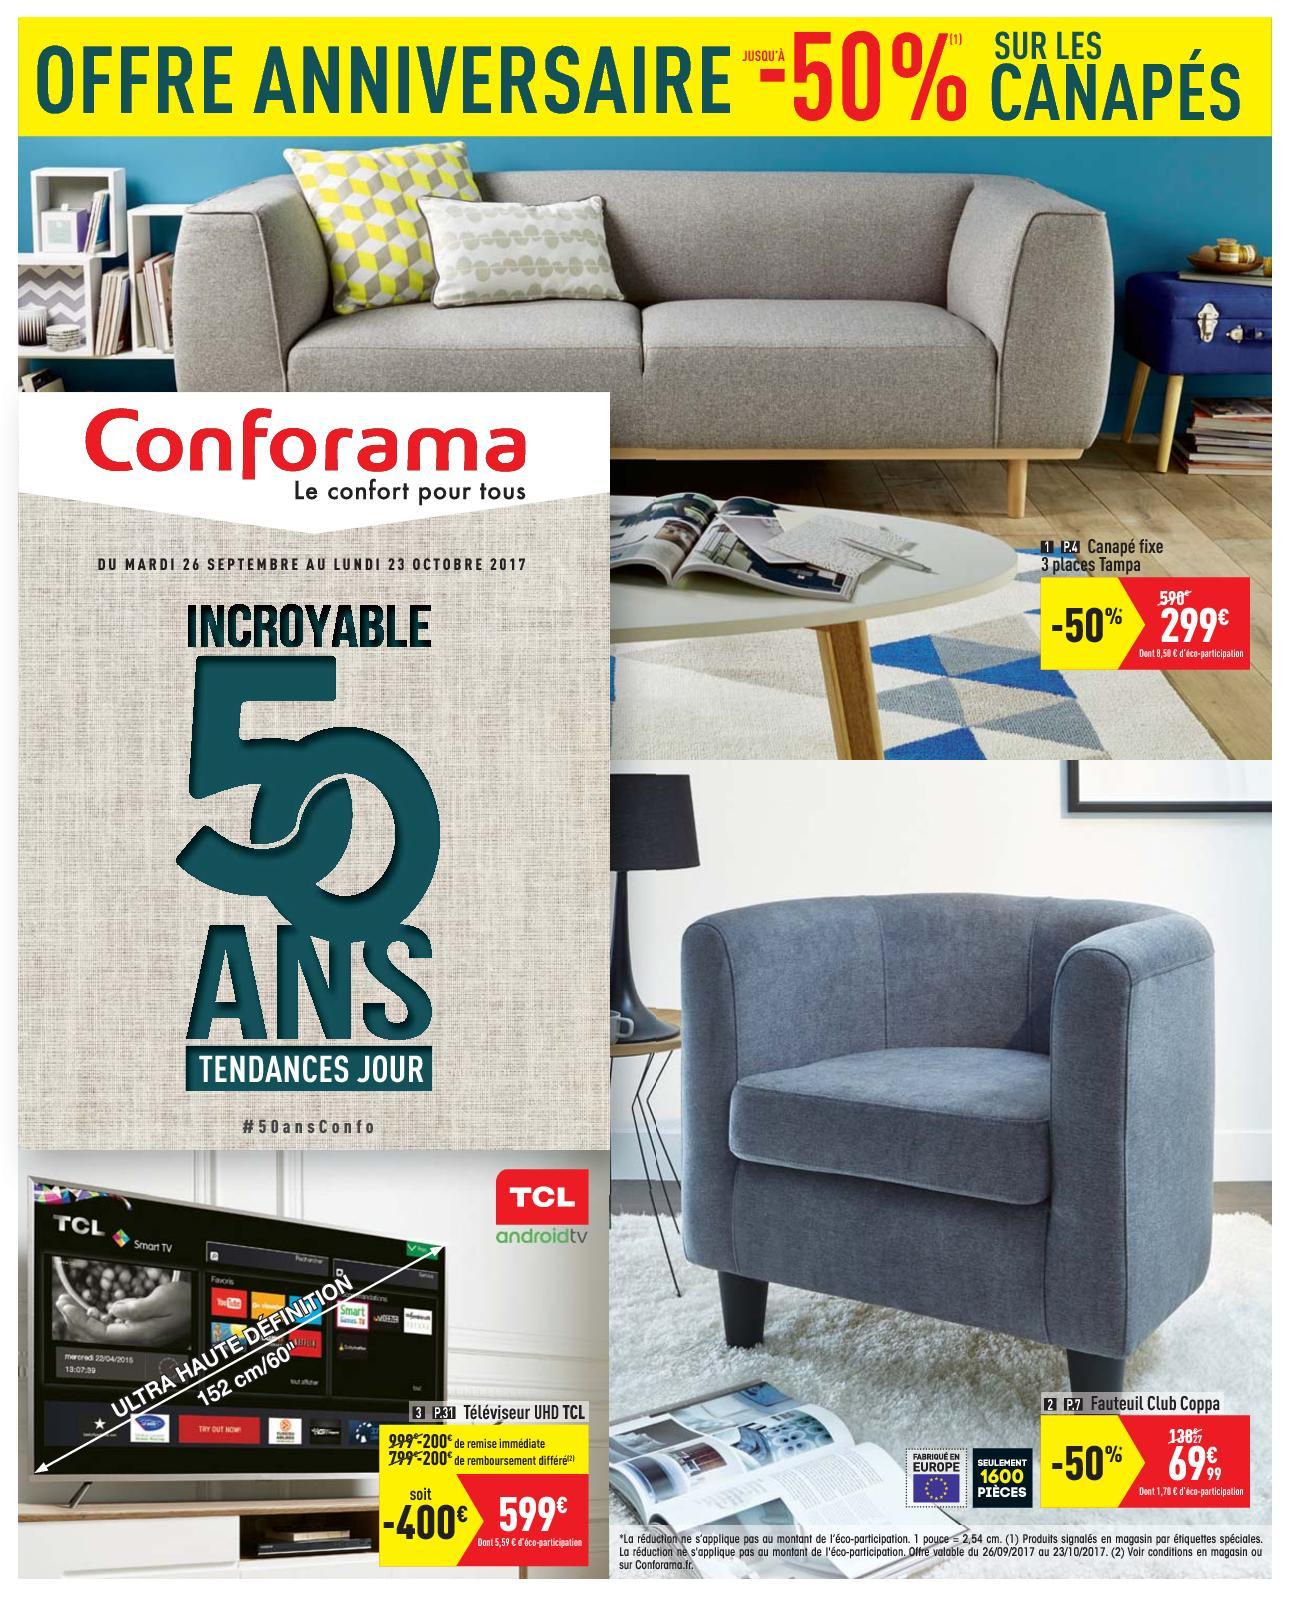 Calaméo - Catalogue Conforama 50 Ans Tendances Jour intérieur Fauteuil Lit Conforama